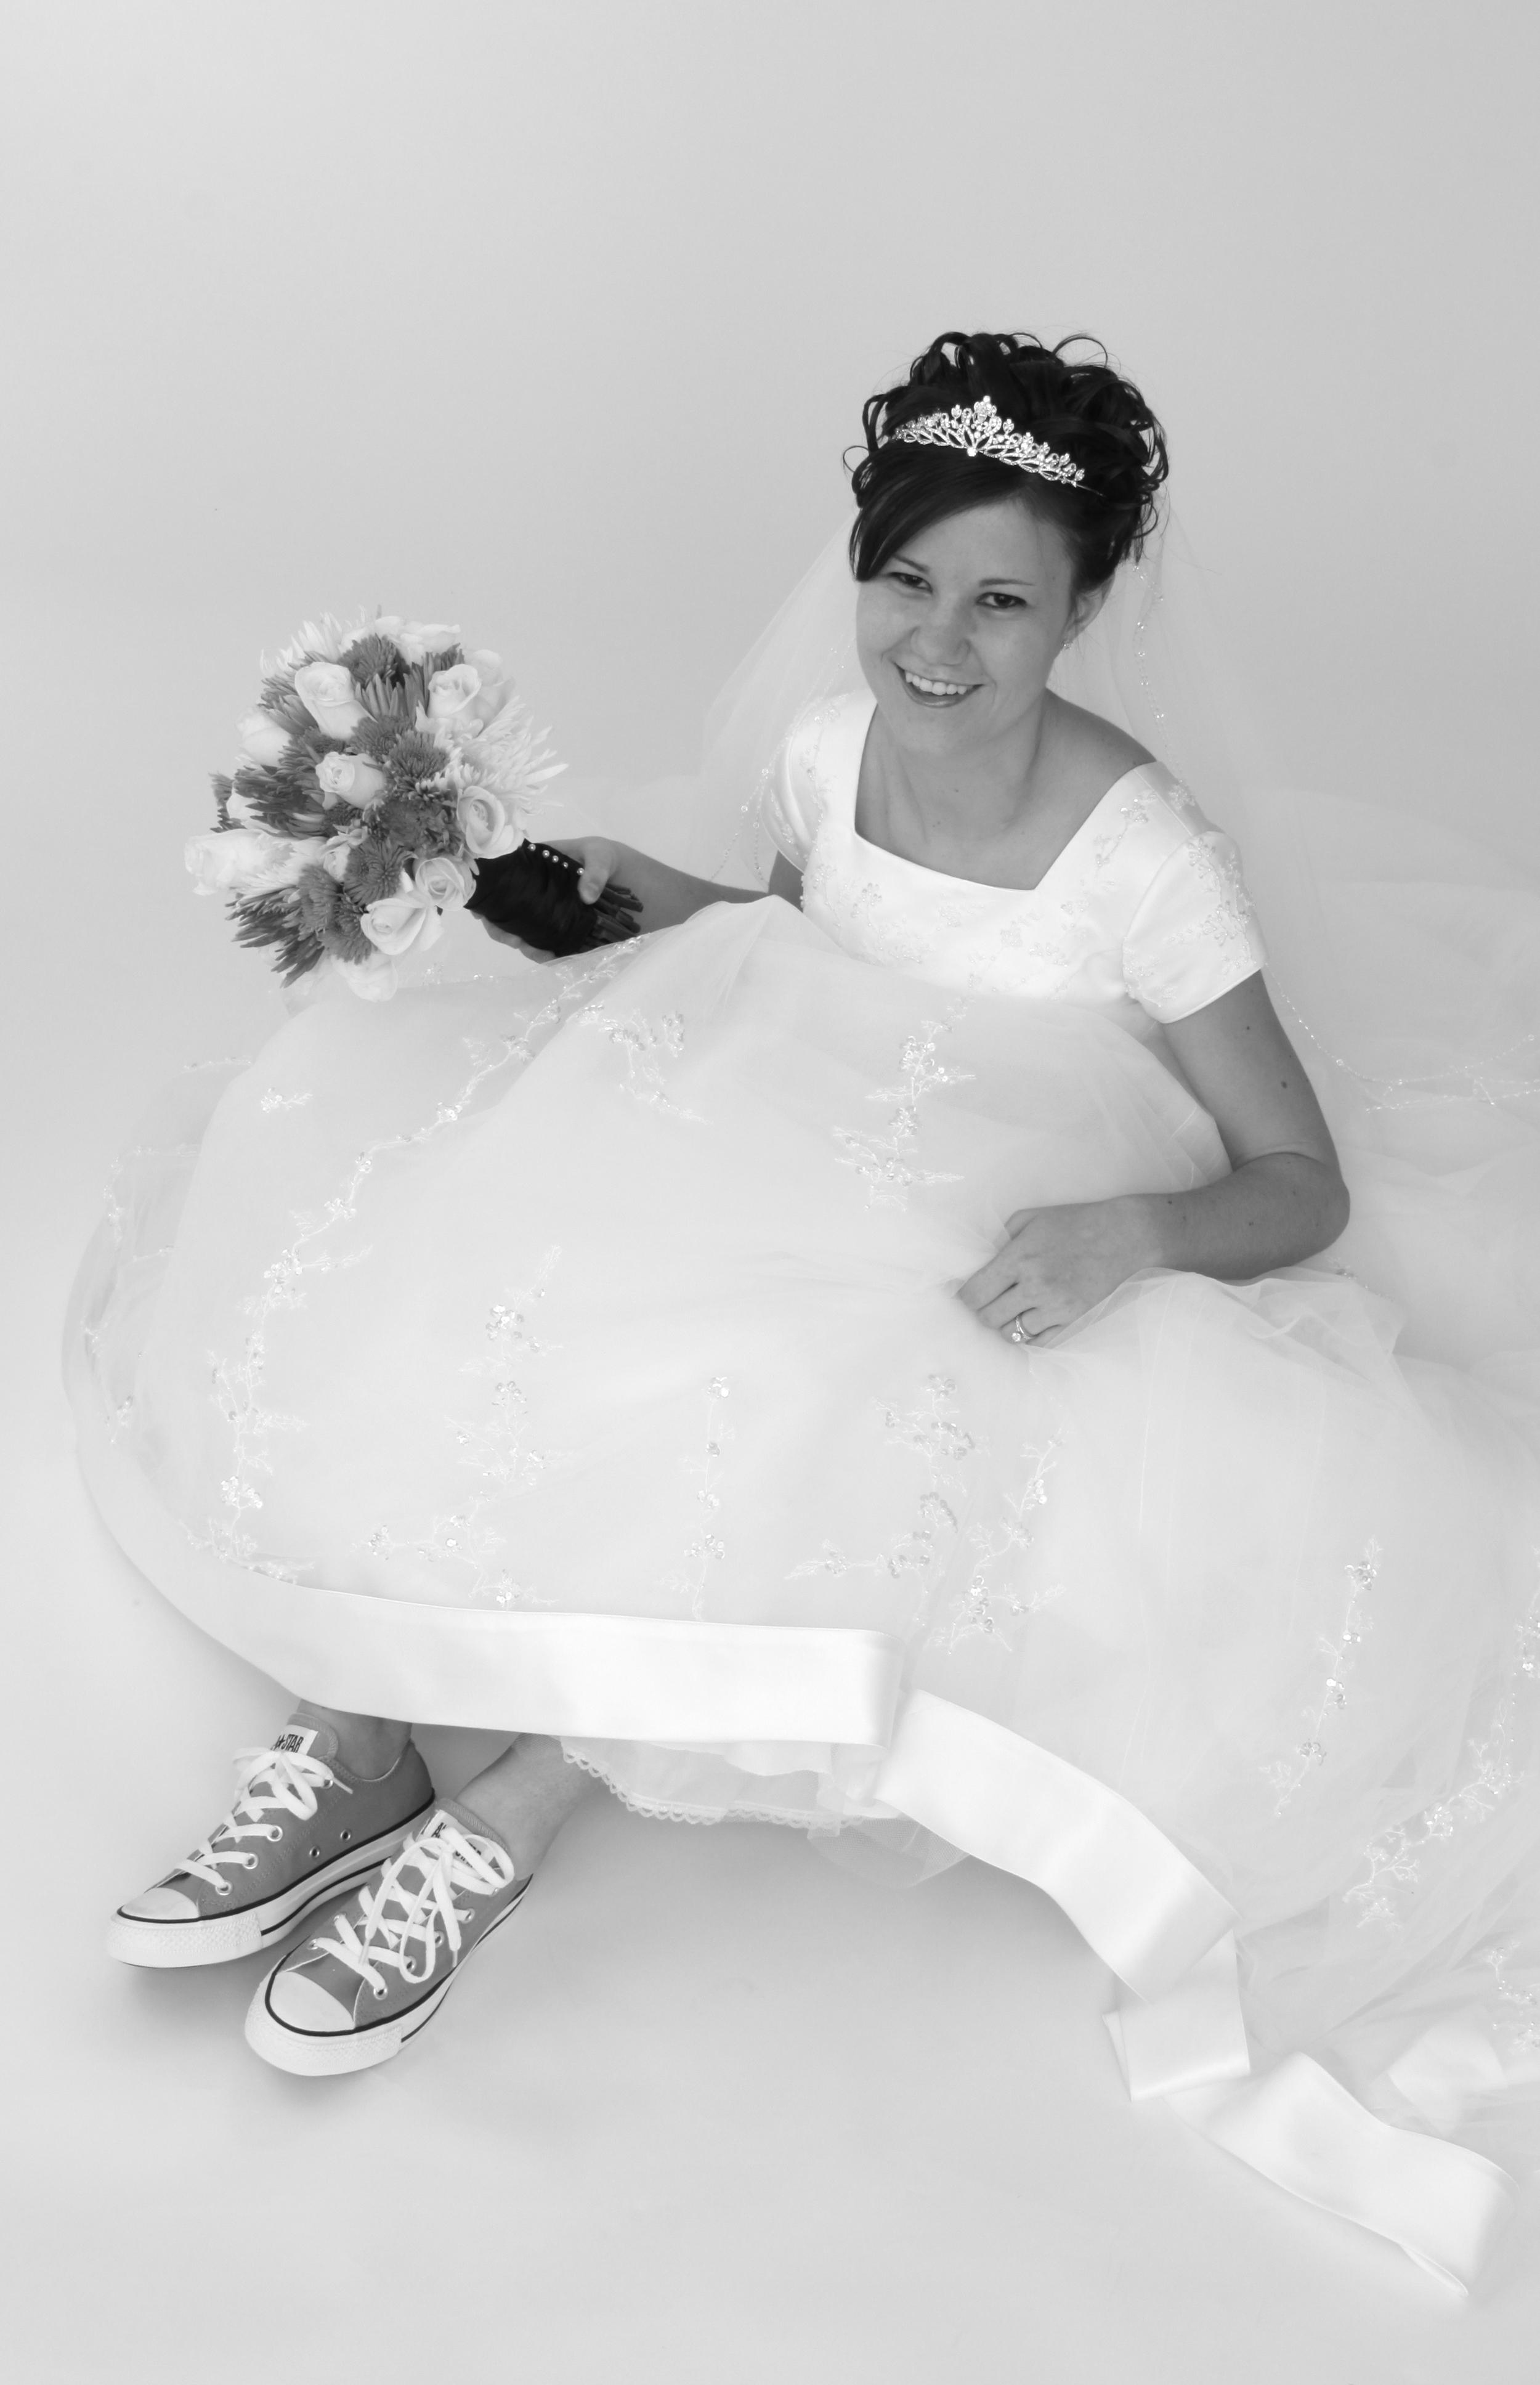 Bountiful wedding portrait studio photography